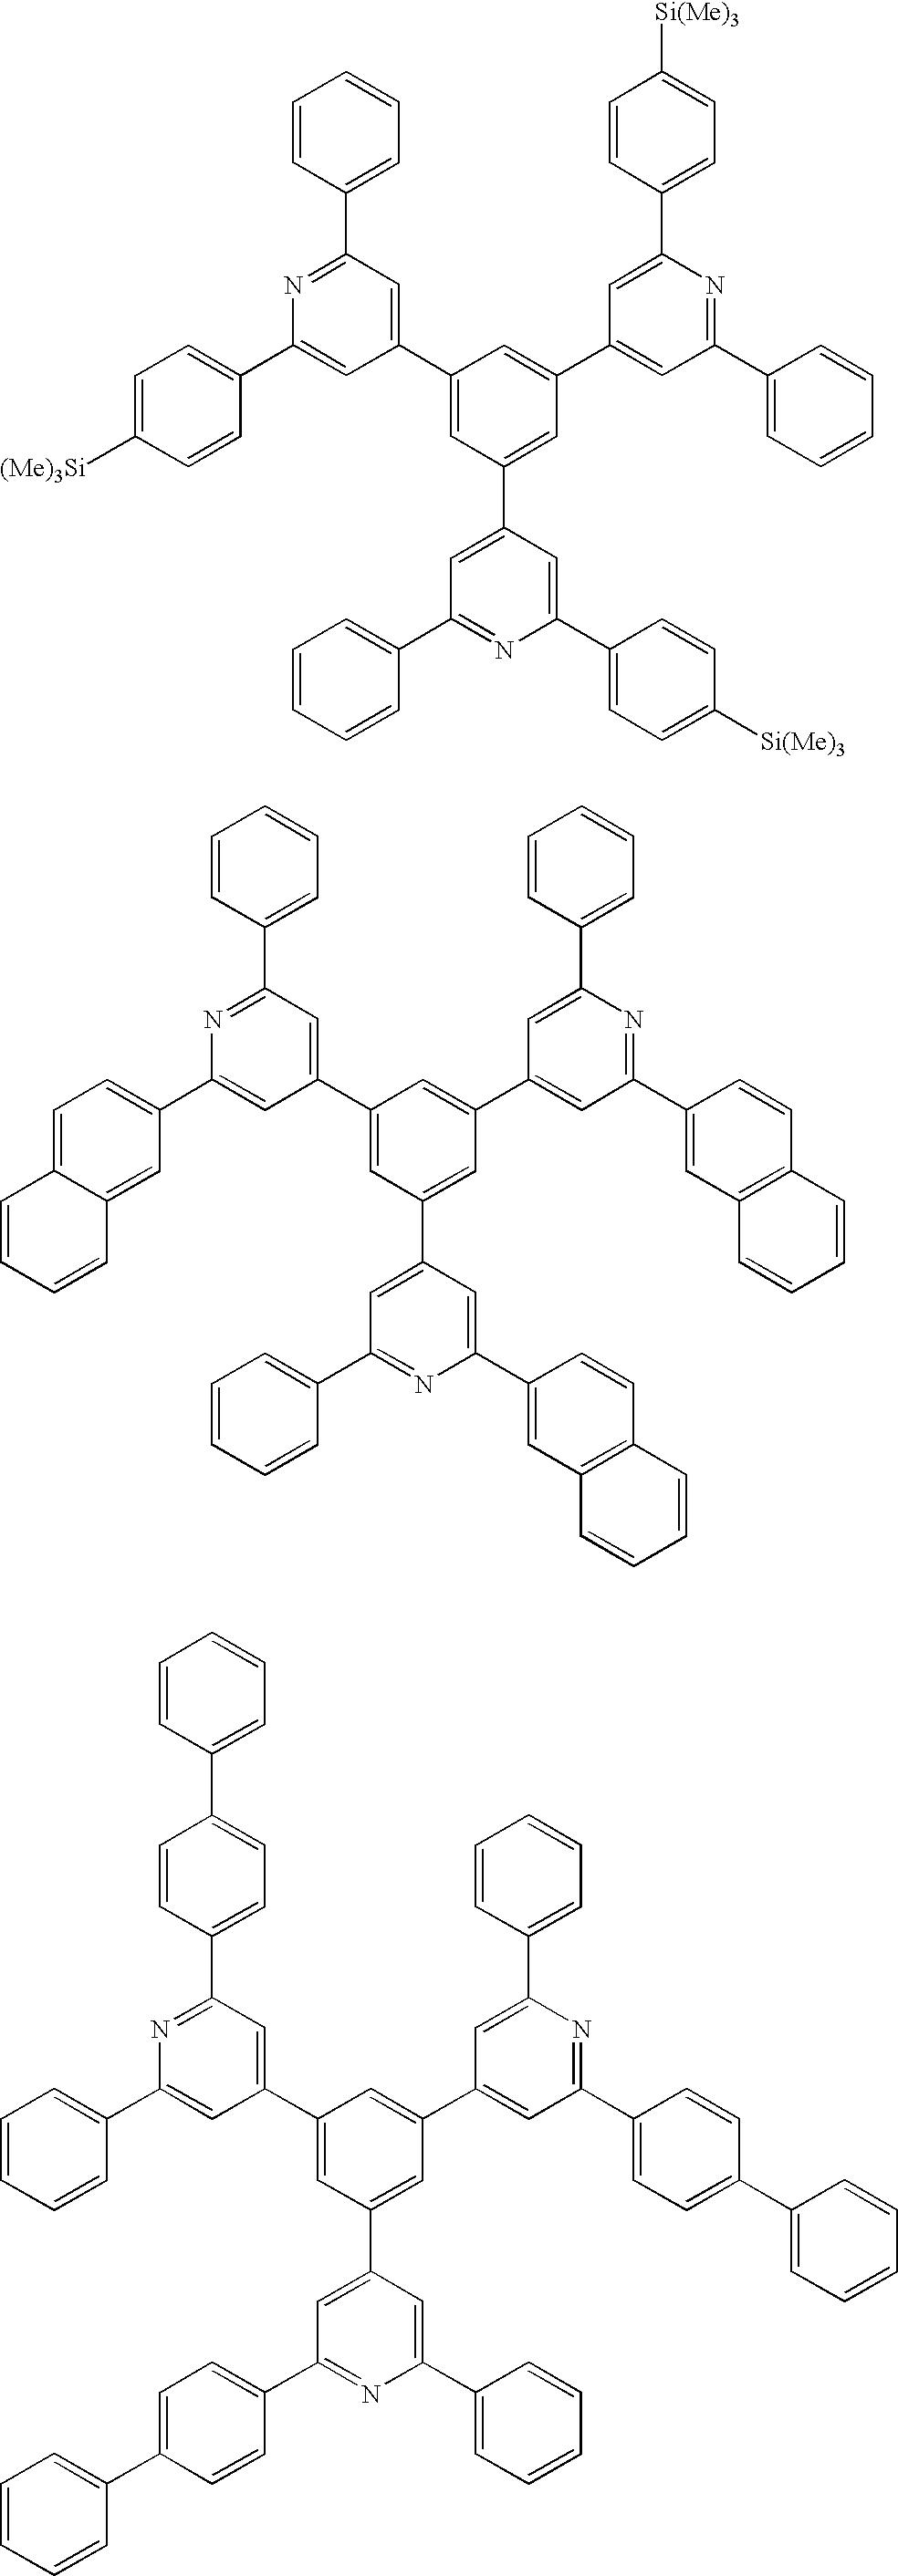 Figure US20060186796A1-20060824-C00123